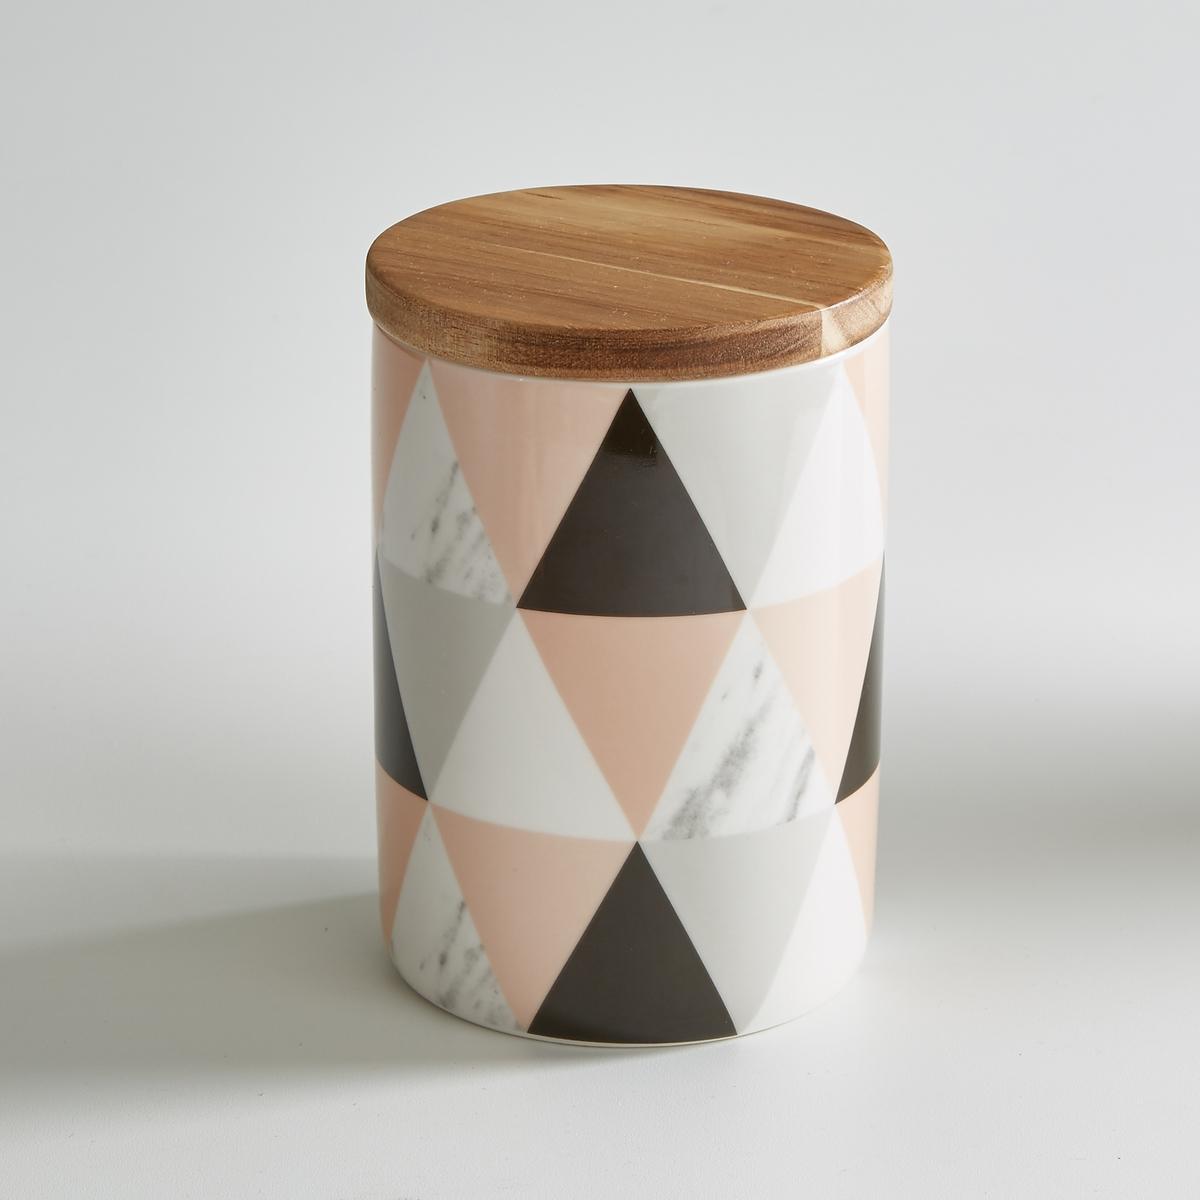 Горшок керамический с бамбуковой крышкойLa Redoute<br>Керамический горшок La redoute Int?rieurs с герметично прилегающей крышкой. Бамбуковая крышка с силиконовым ободом. Геометрический рисунок. Характеристики керамического горшка:- Керамический горшок - Бамбуковая крышка с силиконовым ободом - Диаметр: 11 см- Высота: 14 см- Объем: 760 мл- Не использовать в микроволновой печи и посудомоечной машине<br><br>Цвет: набивной рисунок<br>Размер: единый размер